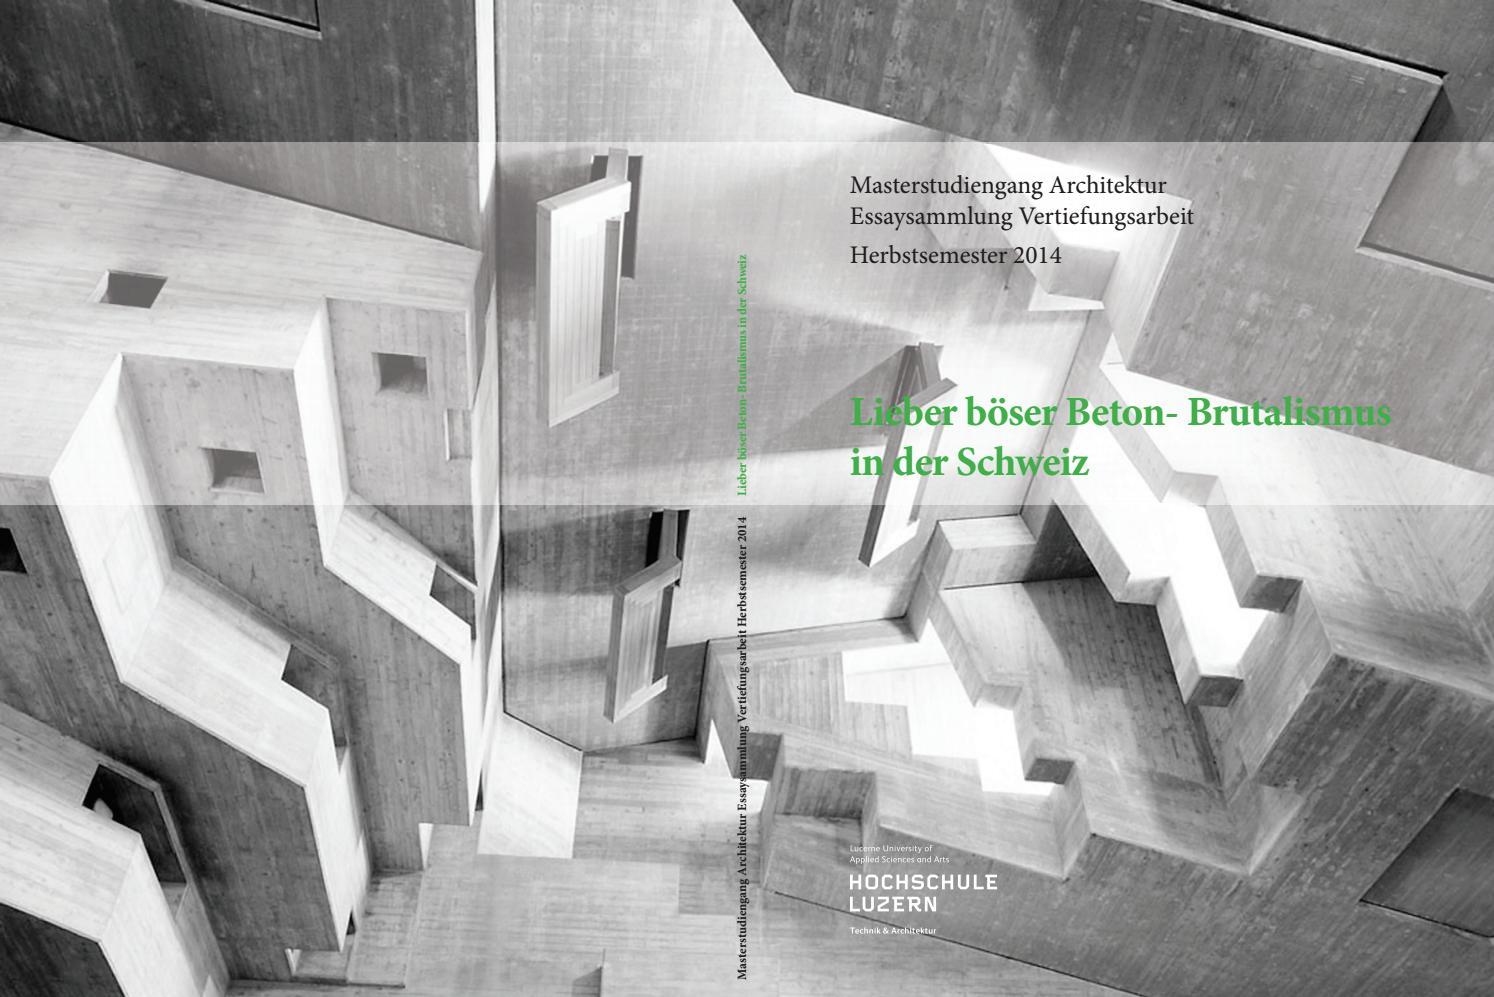 Lieber böser Beton - Brutalismus in der Schweiz by Master ...